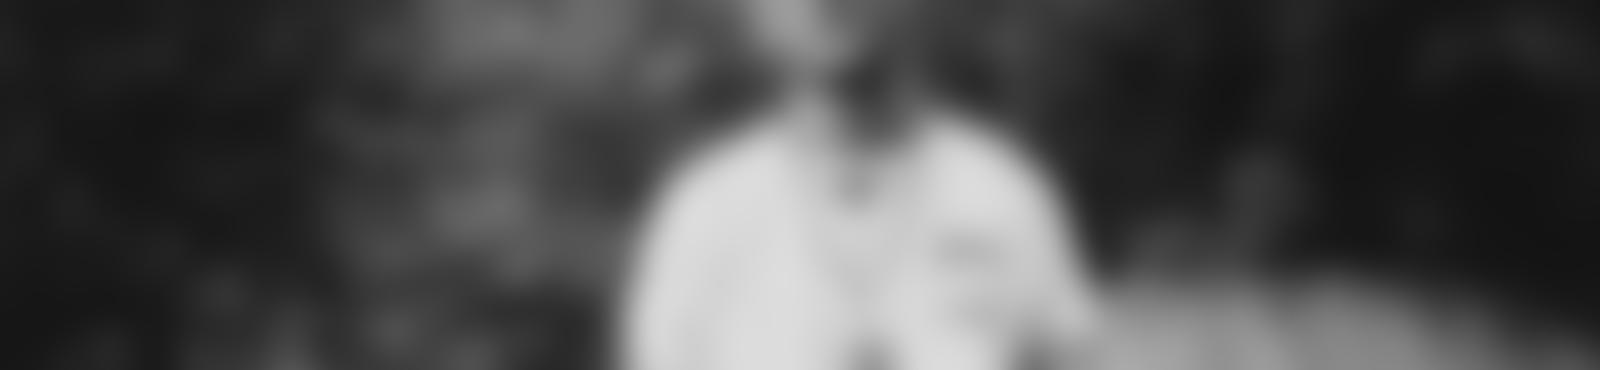 Blurred adb31a2f ebe6 4236 a169 2bca79b09041